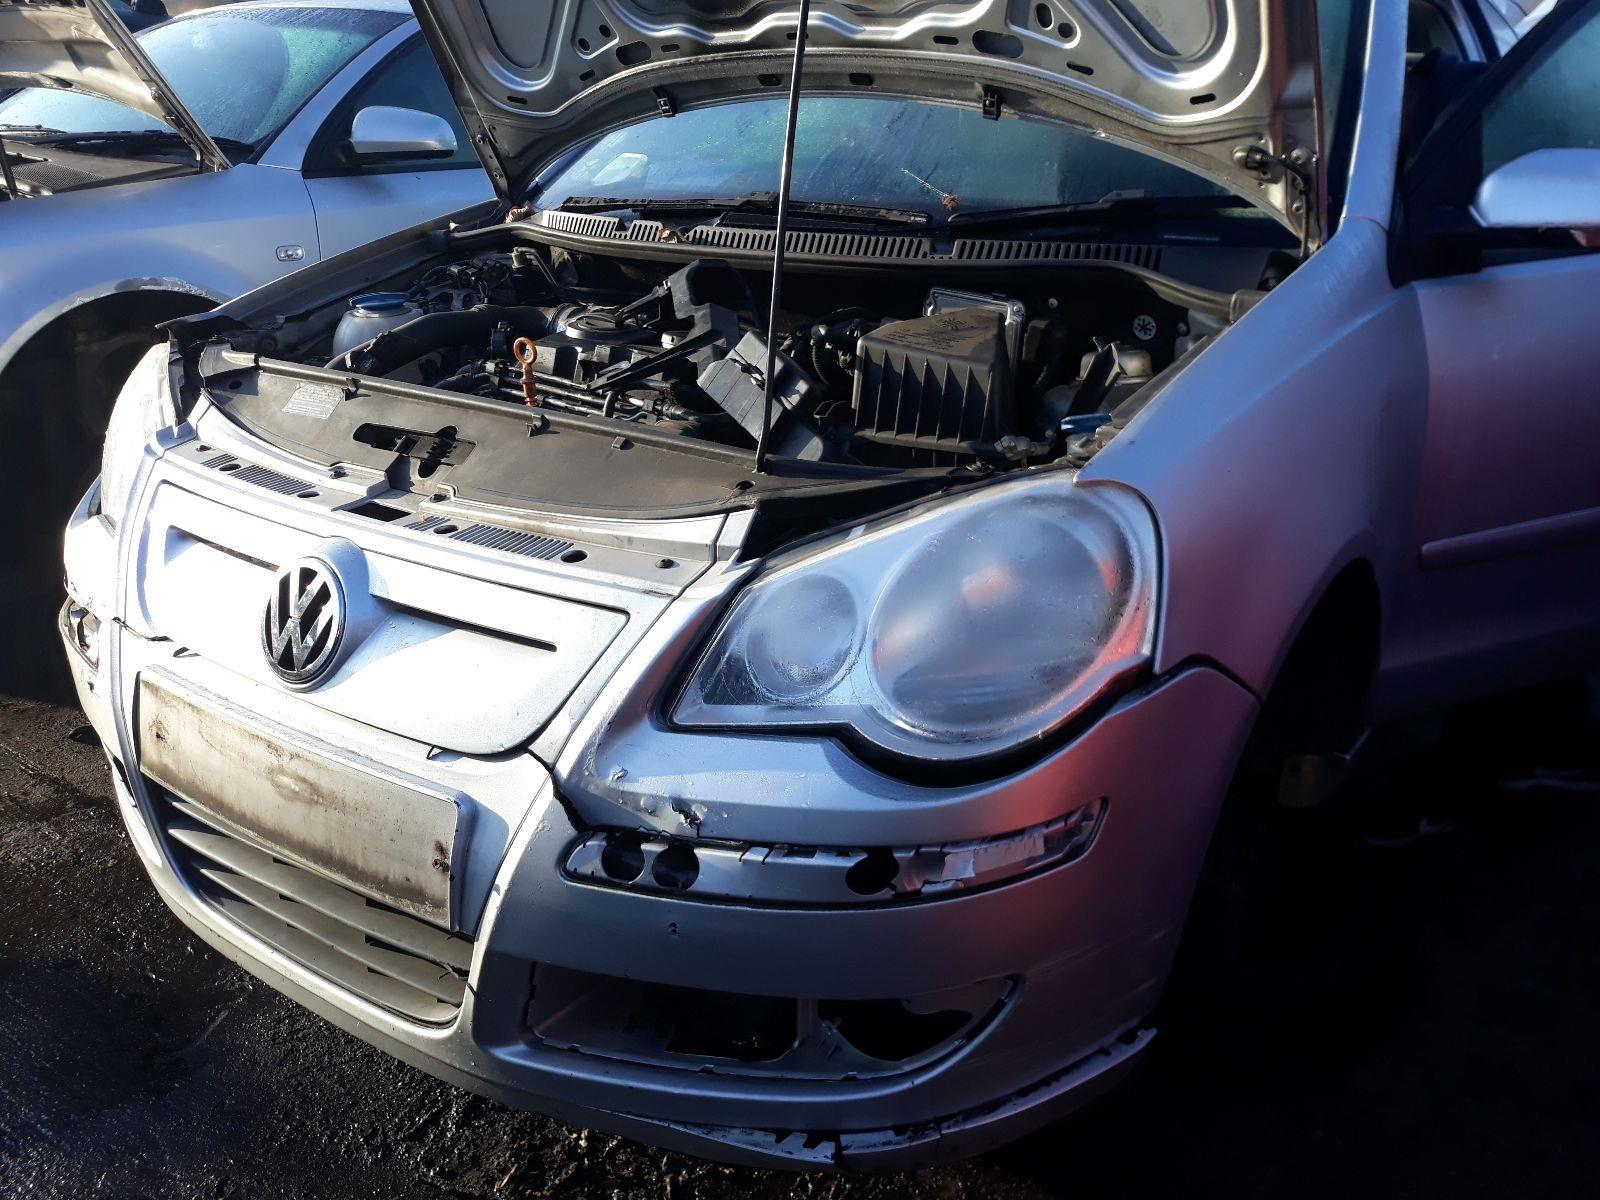 Volkswagen Polo 2005 To 2009 2 Bluemotion 3 Door Hatchback